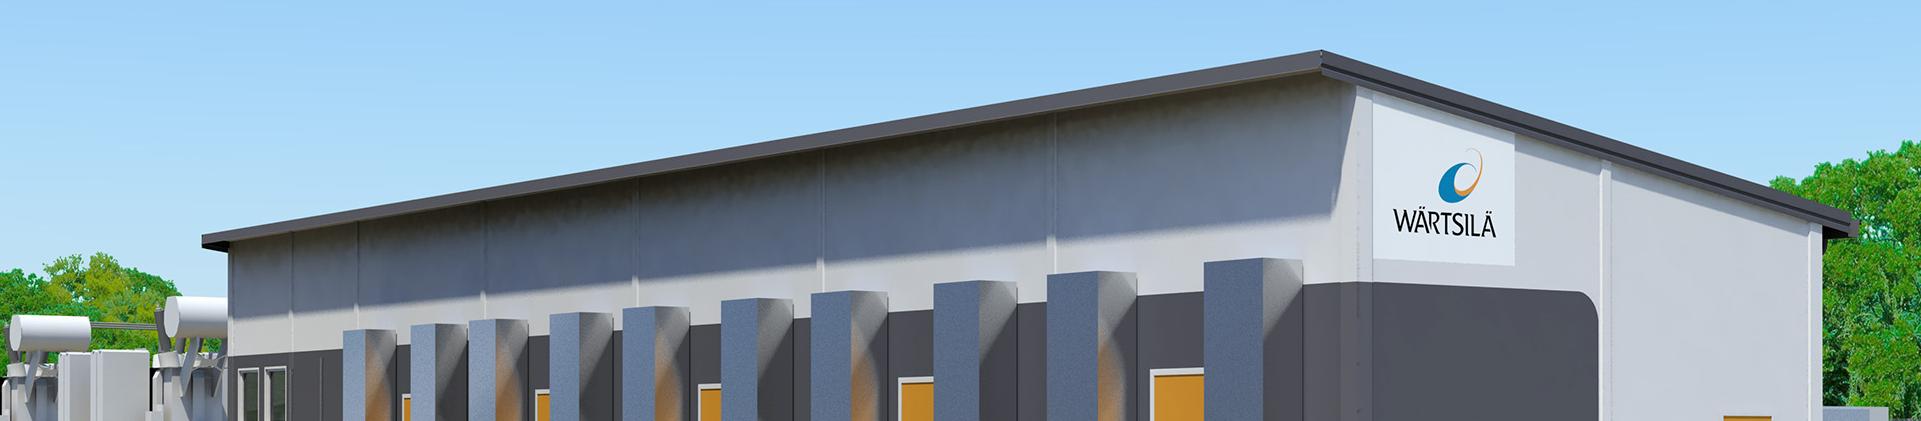 Wärtsilä energy storage-header